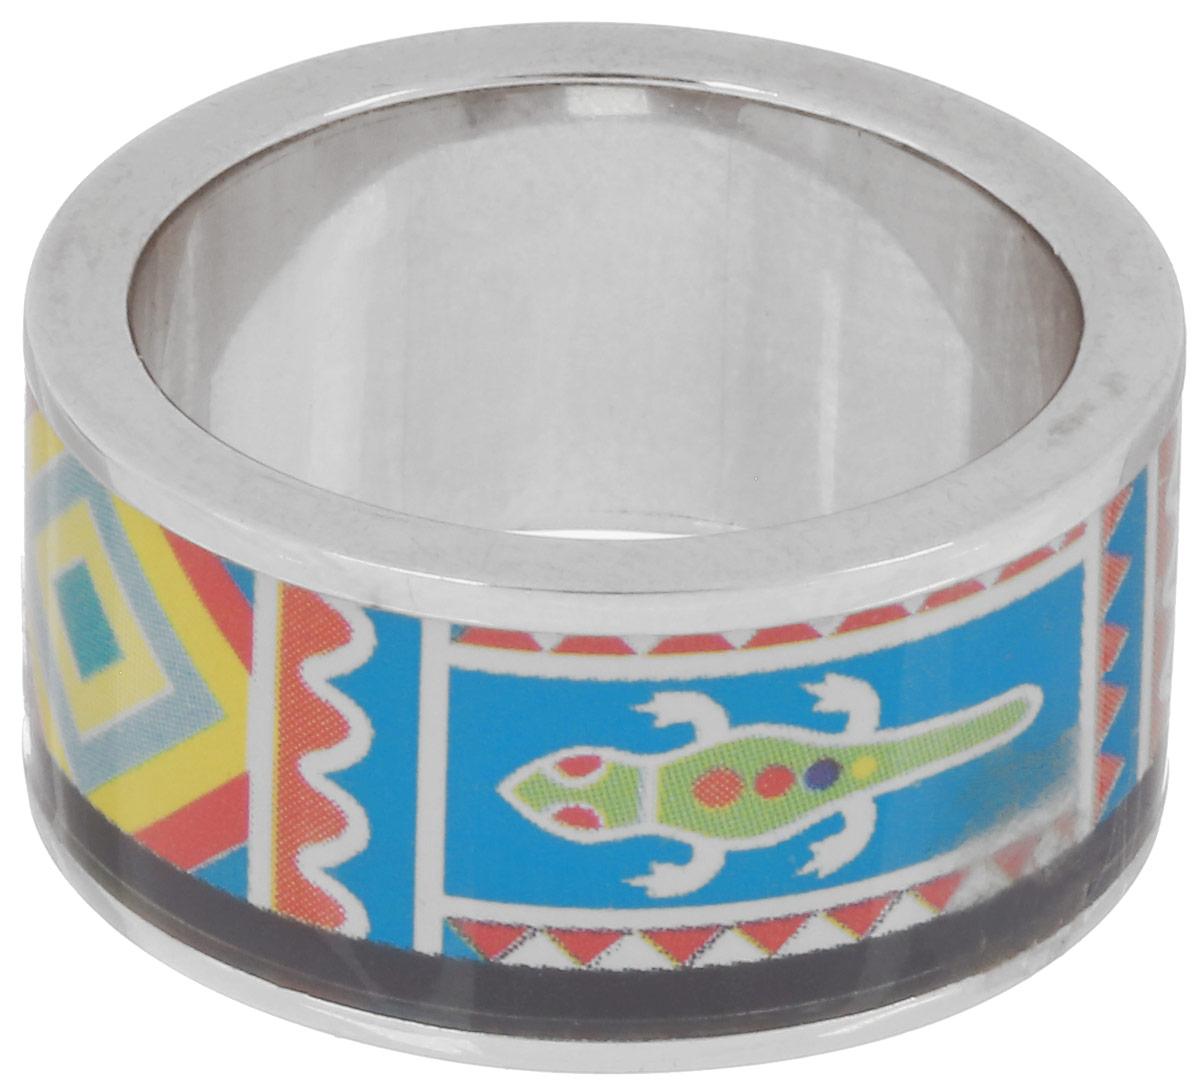 Кольцо Art-Silver, цвет: серебристый, голубой, мультиколор. ФК103-320. Размер 18,5ФК103-320Великолепное кольцо Art-Silver изготовлено из бижутерного сплава. Изделие с покрытием из эмали оформлено принтом в виде оригинального орнамента. Стильное кольцо придаст вашему образу изюминку и подчеркнет индивидуальность.